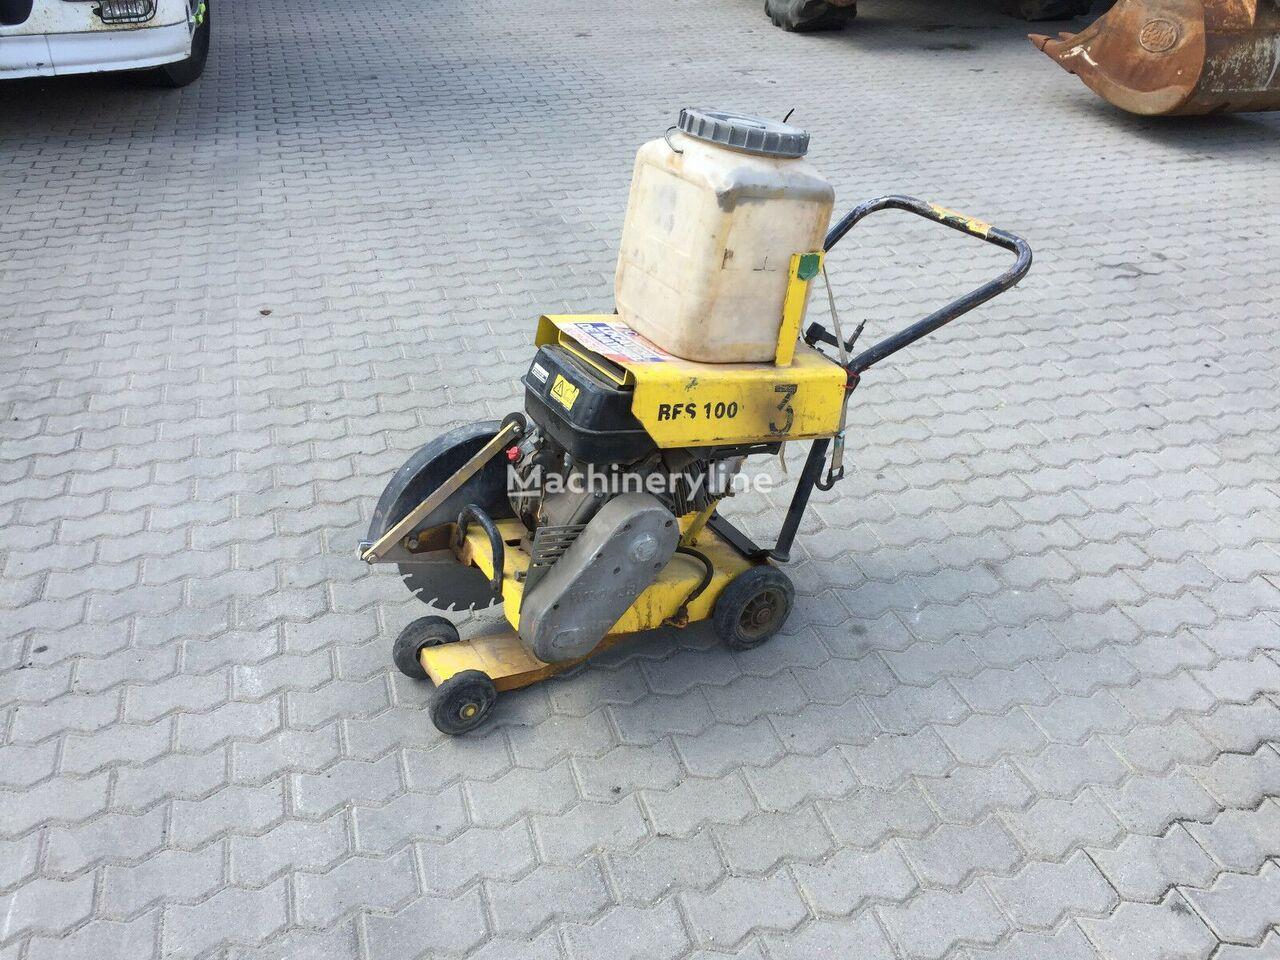 WACKER BFS 100 Asphaltsäge cortadora de asfalto